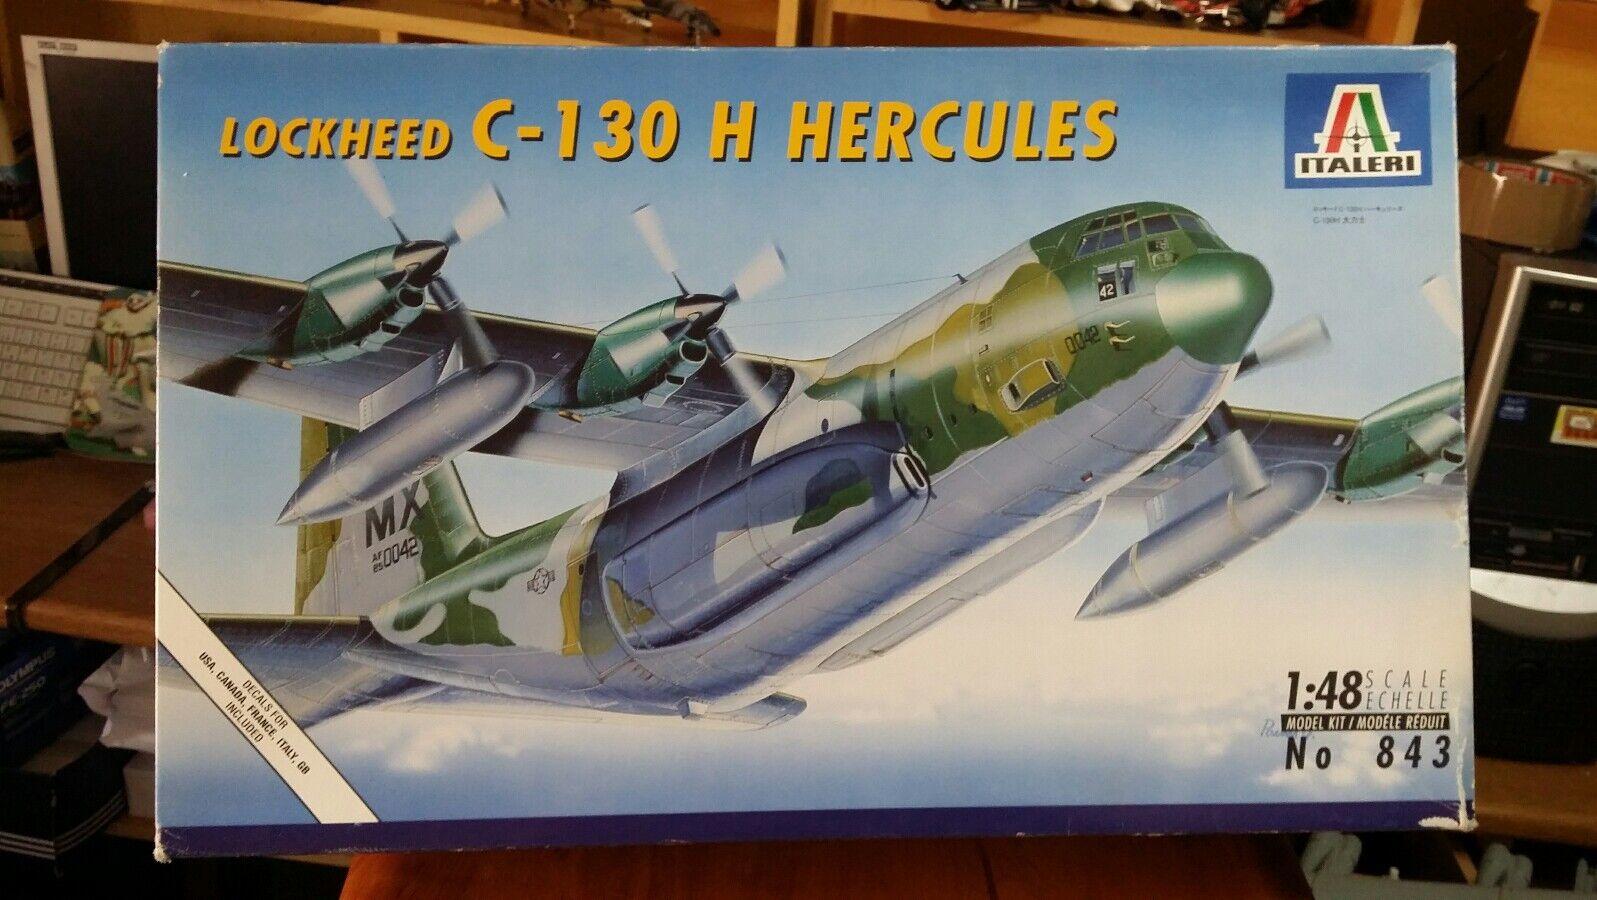 Hercules C-130 H 148 Italieri